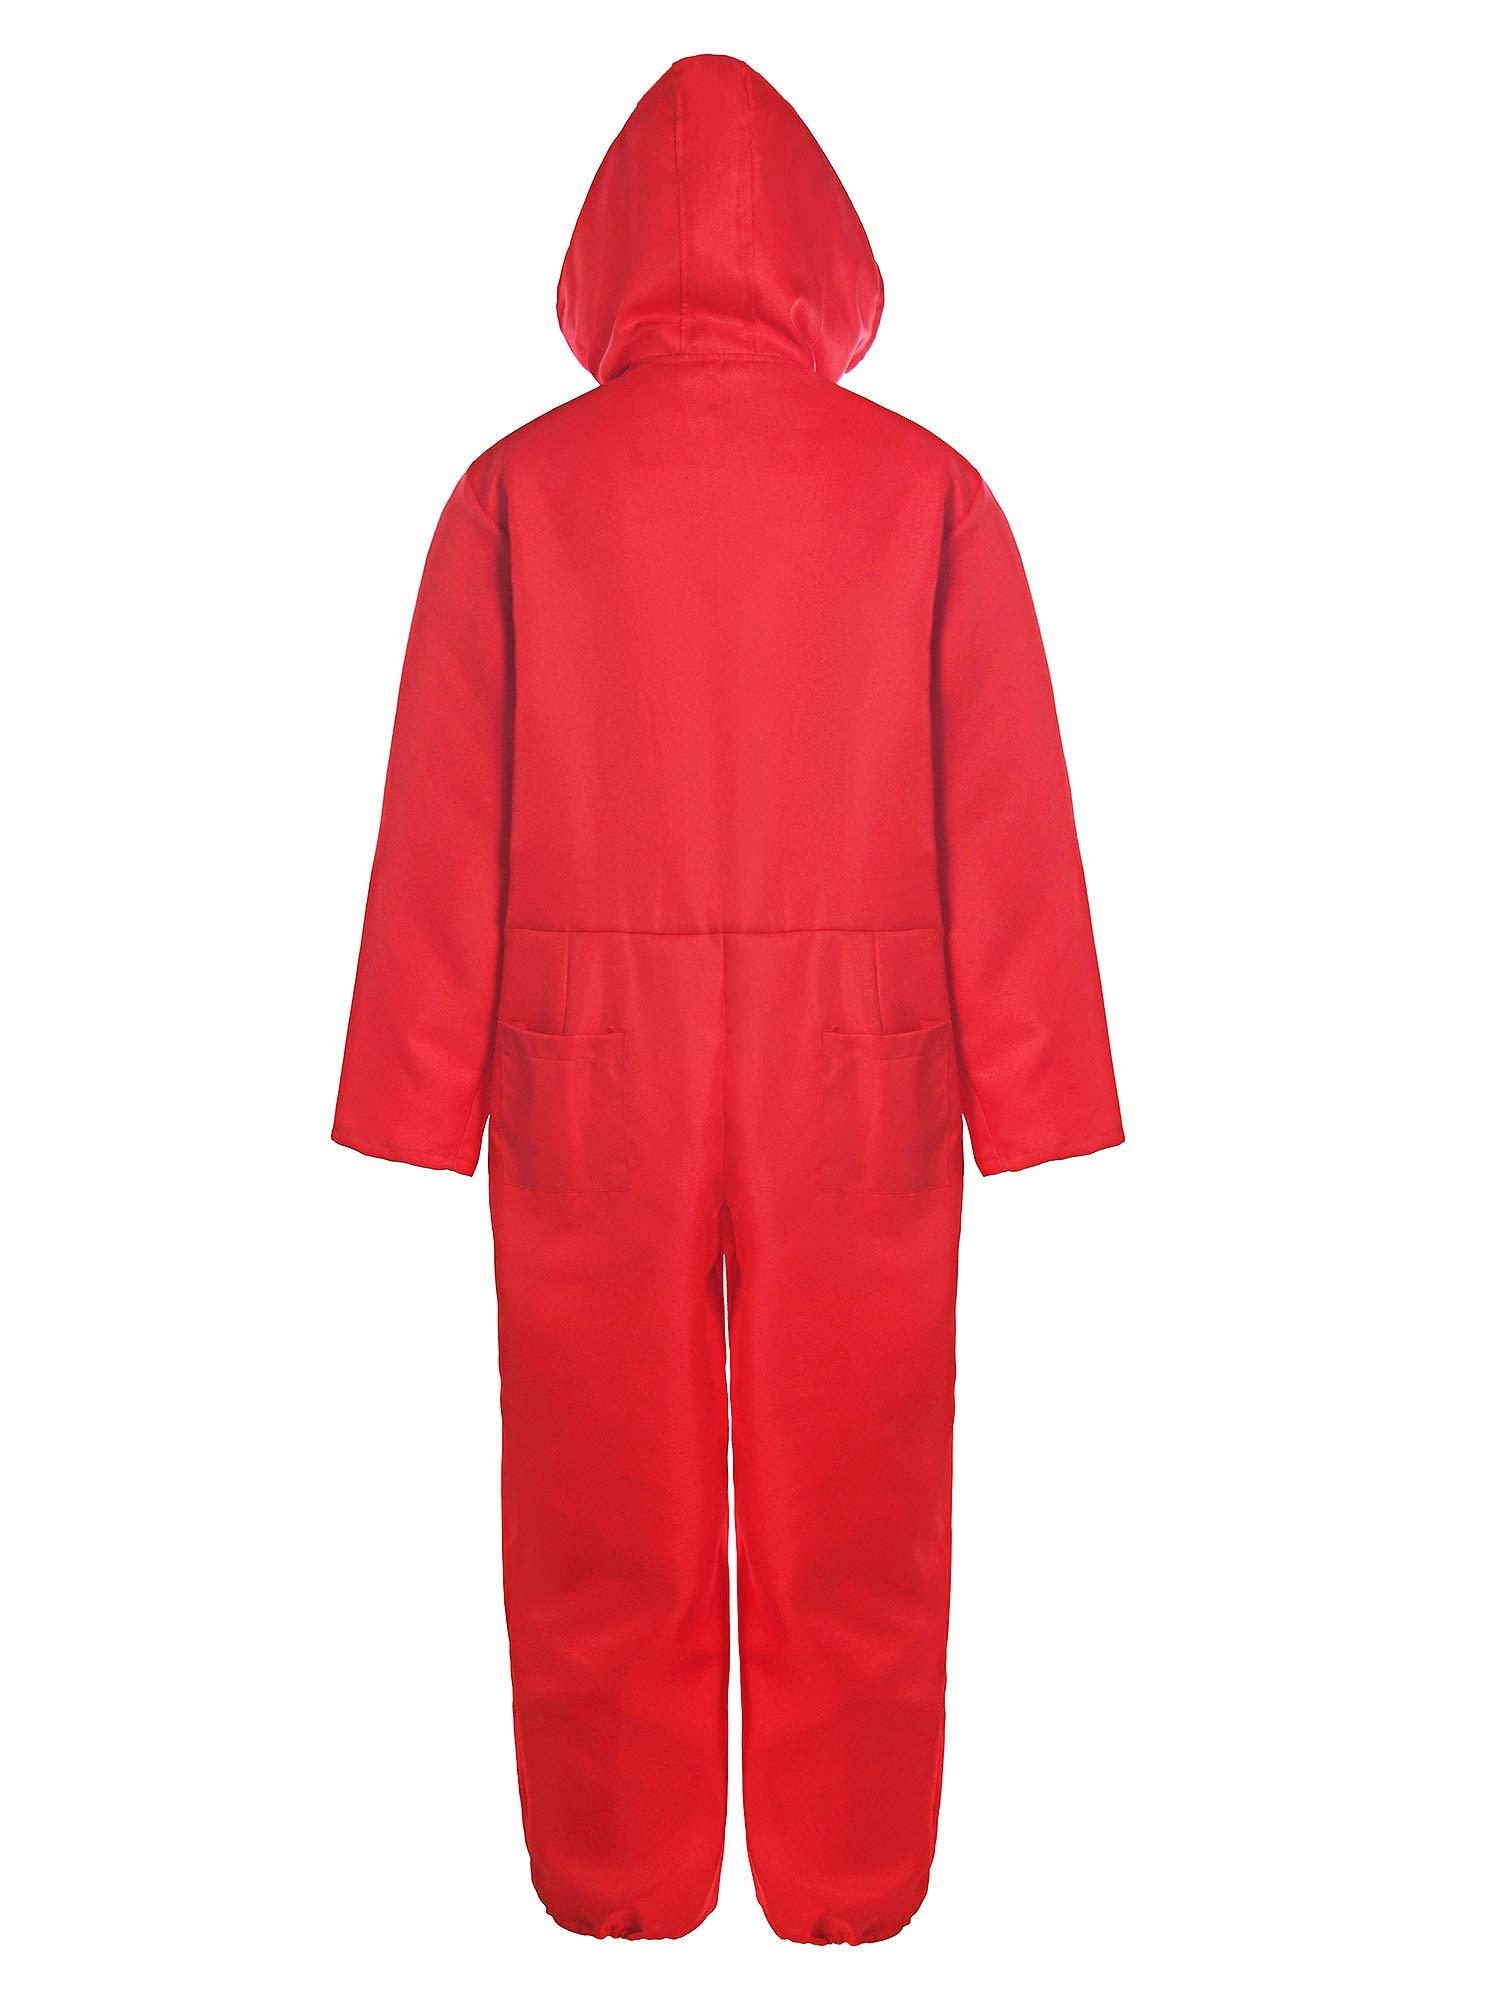 Matt Viggo Costumi La Casa di Carta Overall Donna Uomo Unisex Carnevale Costume con Maschera Dalí, Rosso, M (42) 2 spesavip